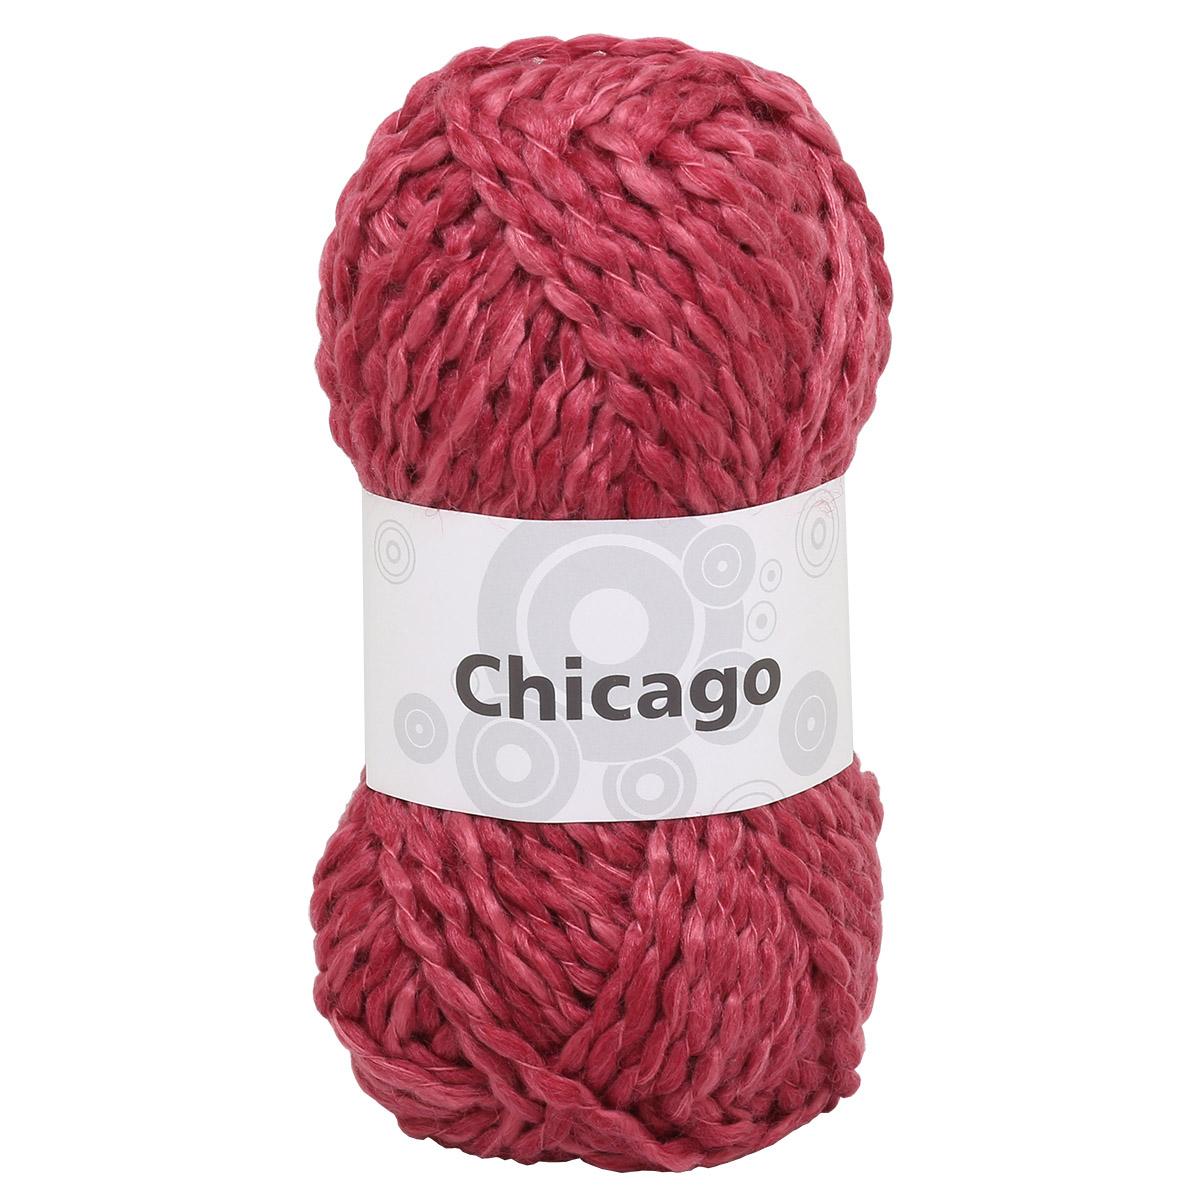 Набор для вязания шарфа 'Chicago' 4*50гр, 4*49м (62% полиакрил, 38% шерсть)